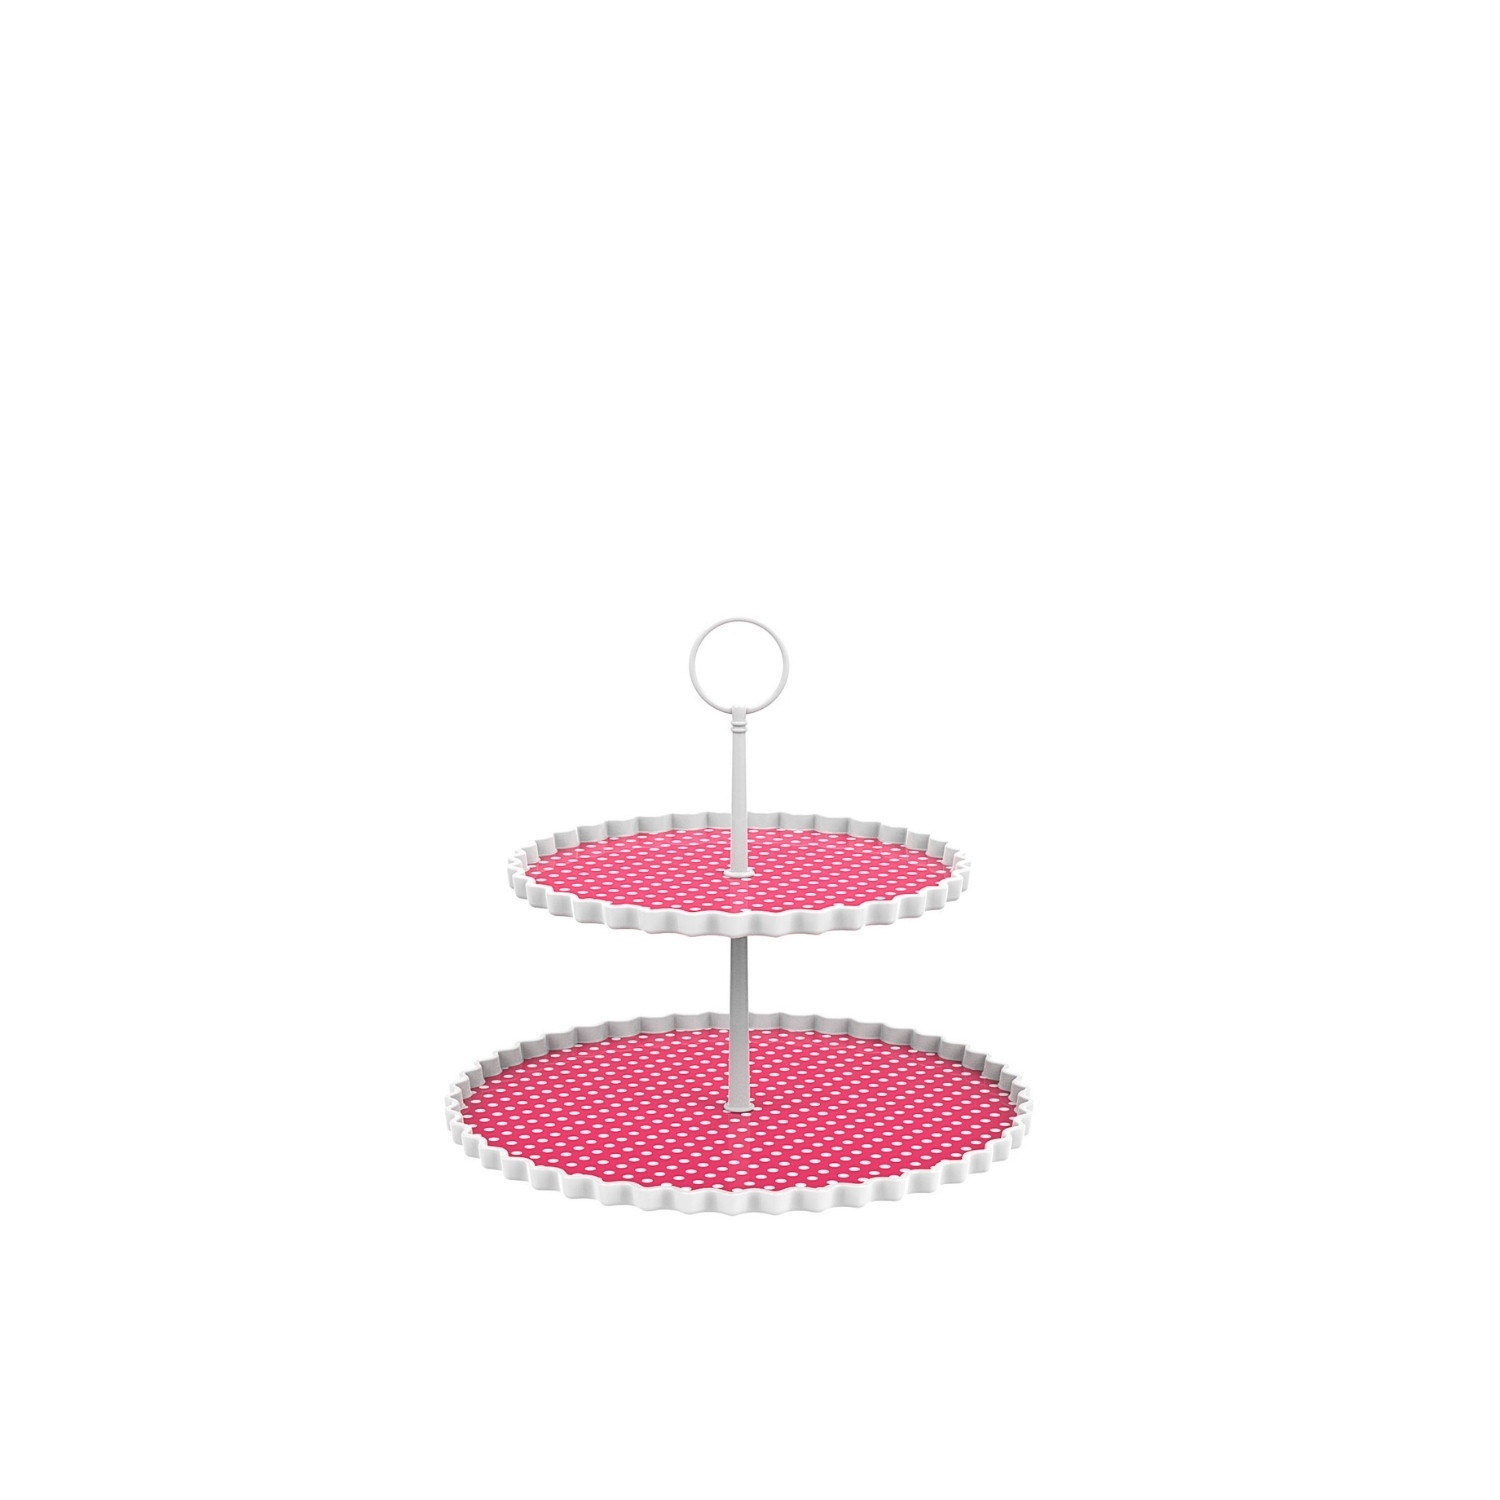 DOTTY - Présentoir à gâteaux 2 étages S - grenadine